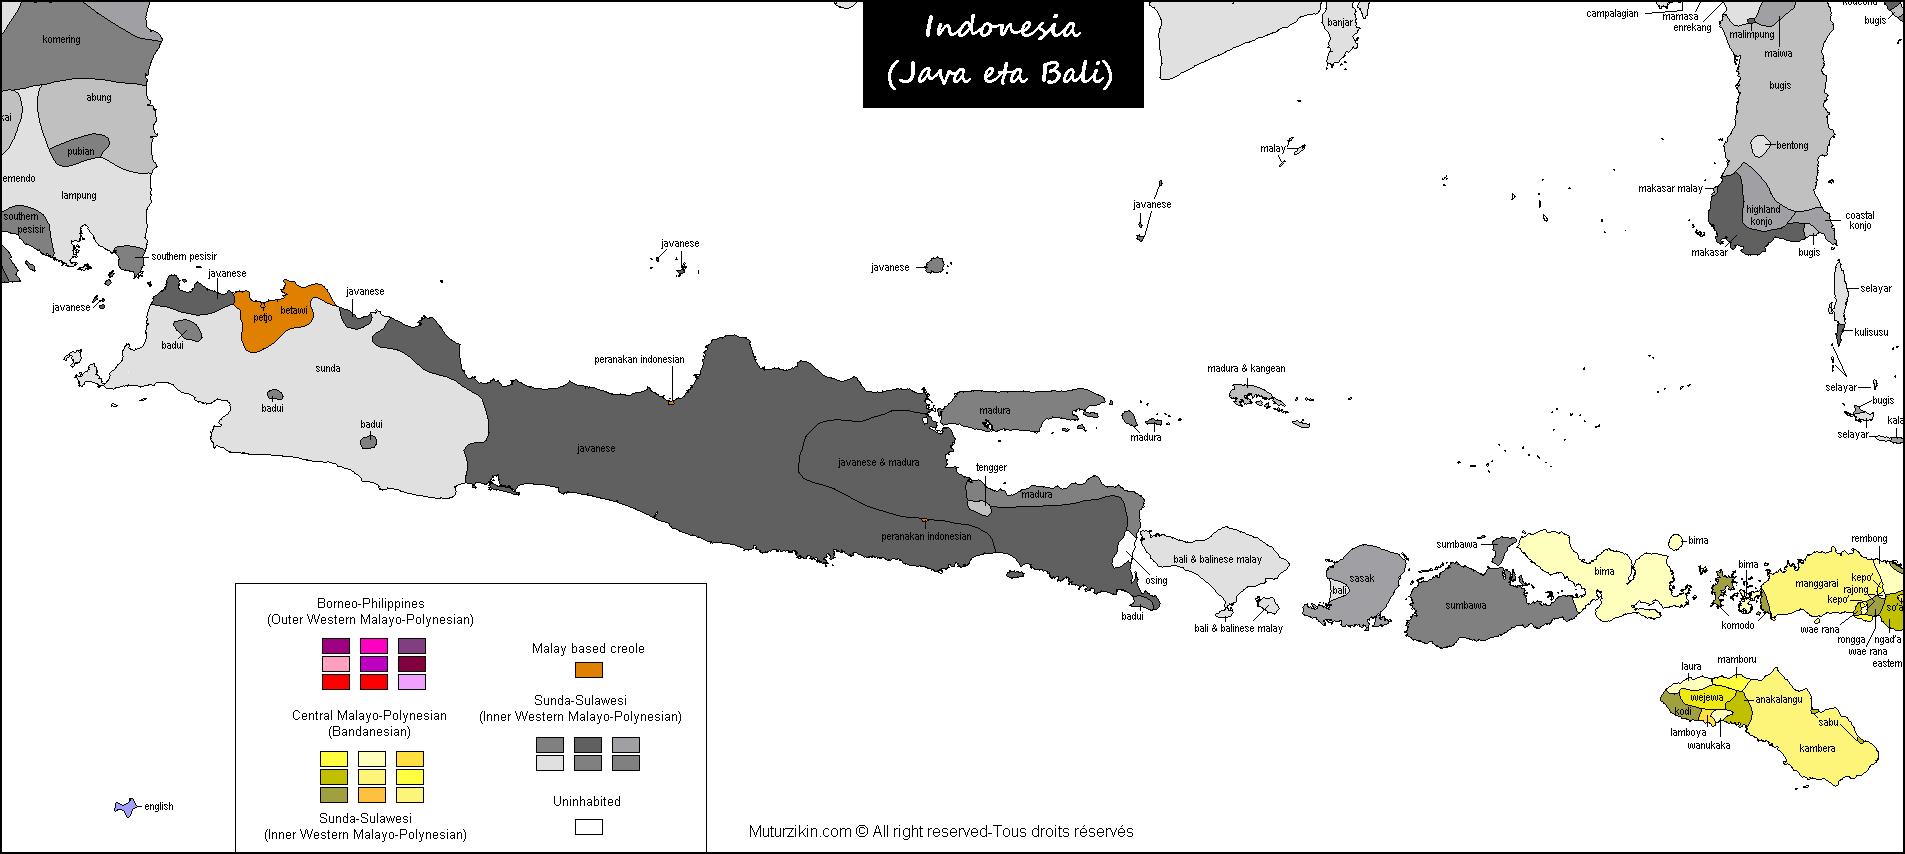 Java Bali Carte Linguistique Linguistic Map